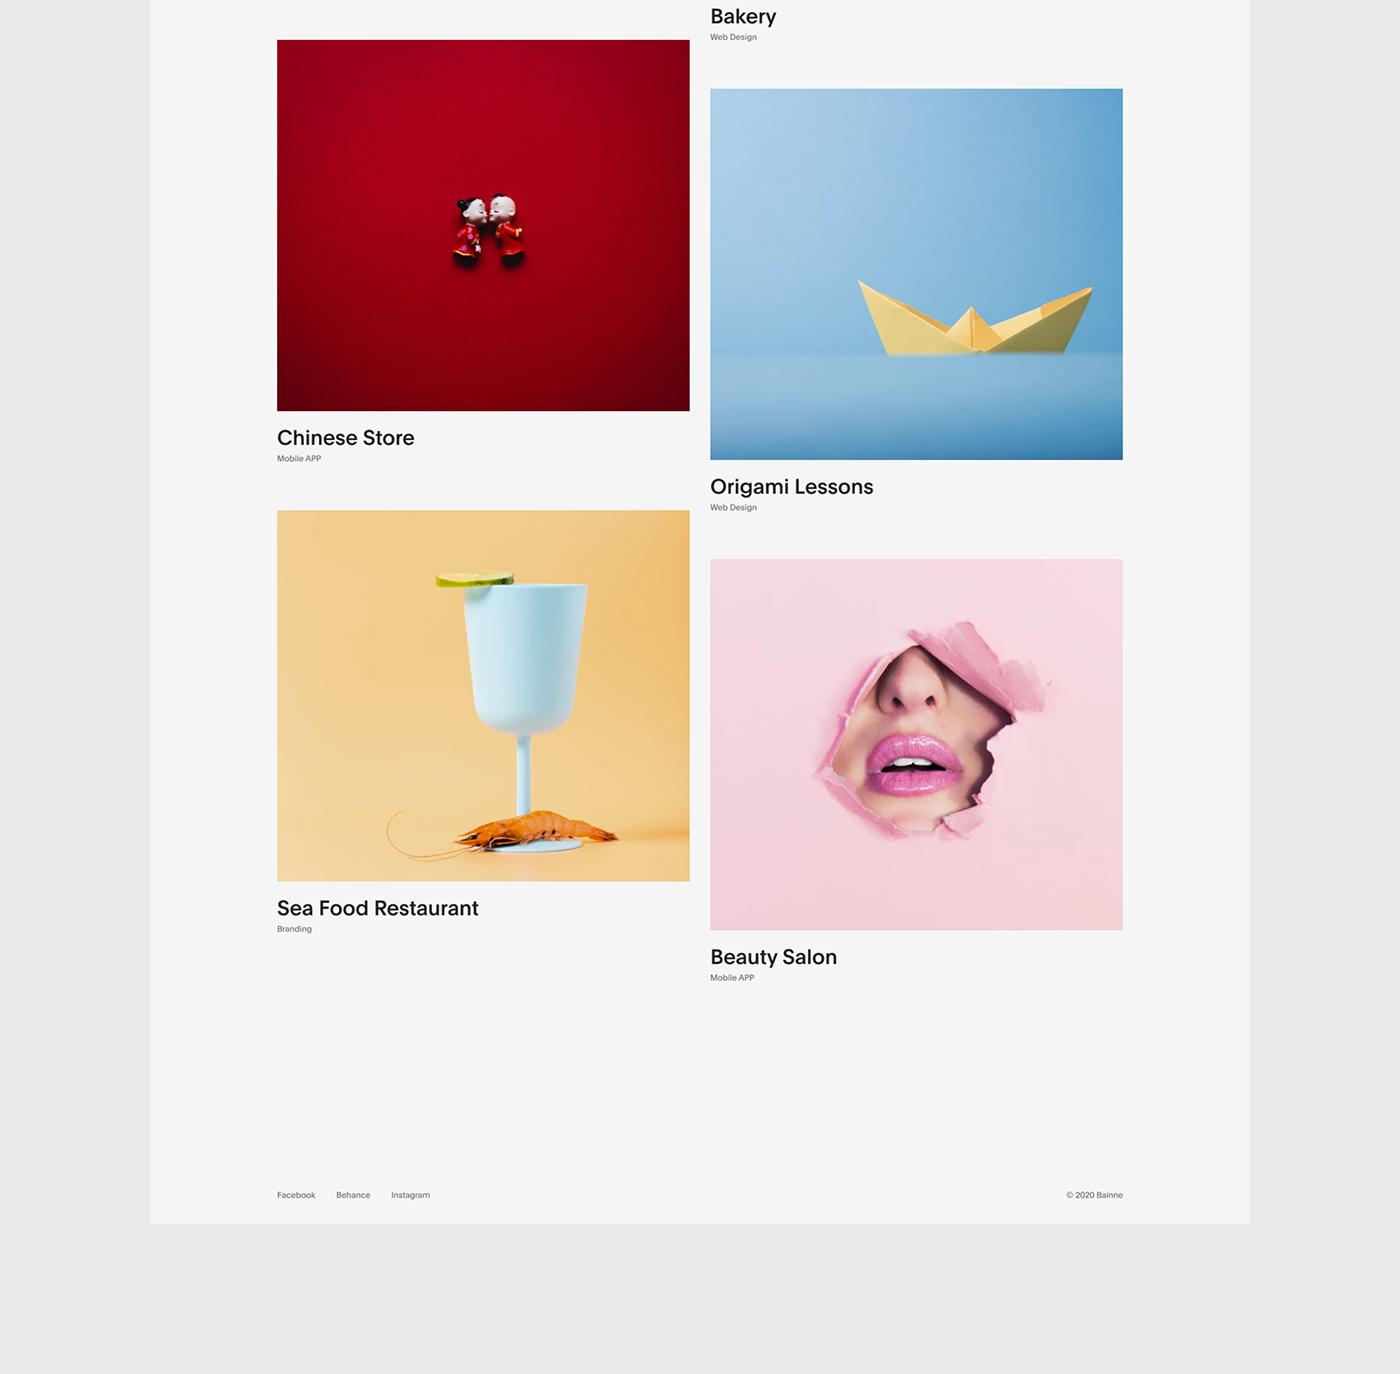 Image may contain: abstract, cartoon and screenshot